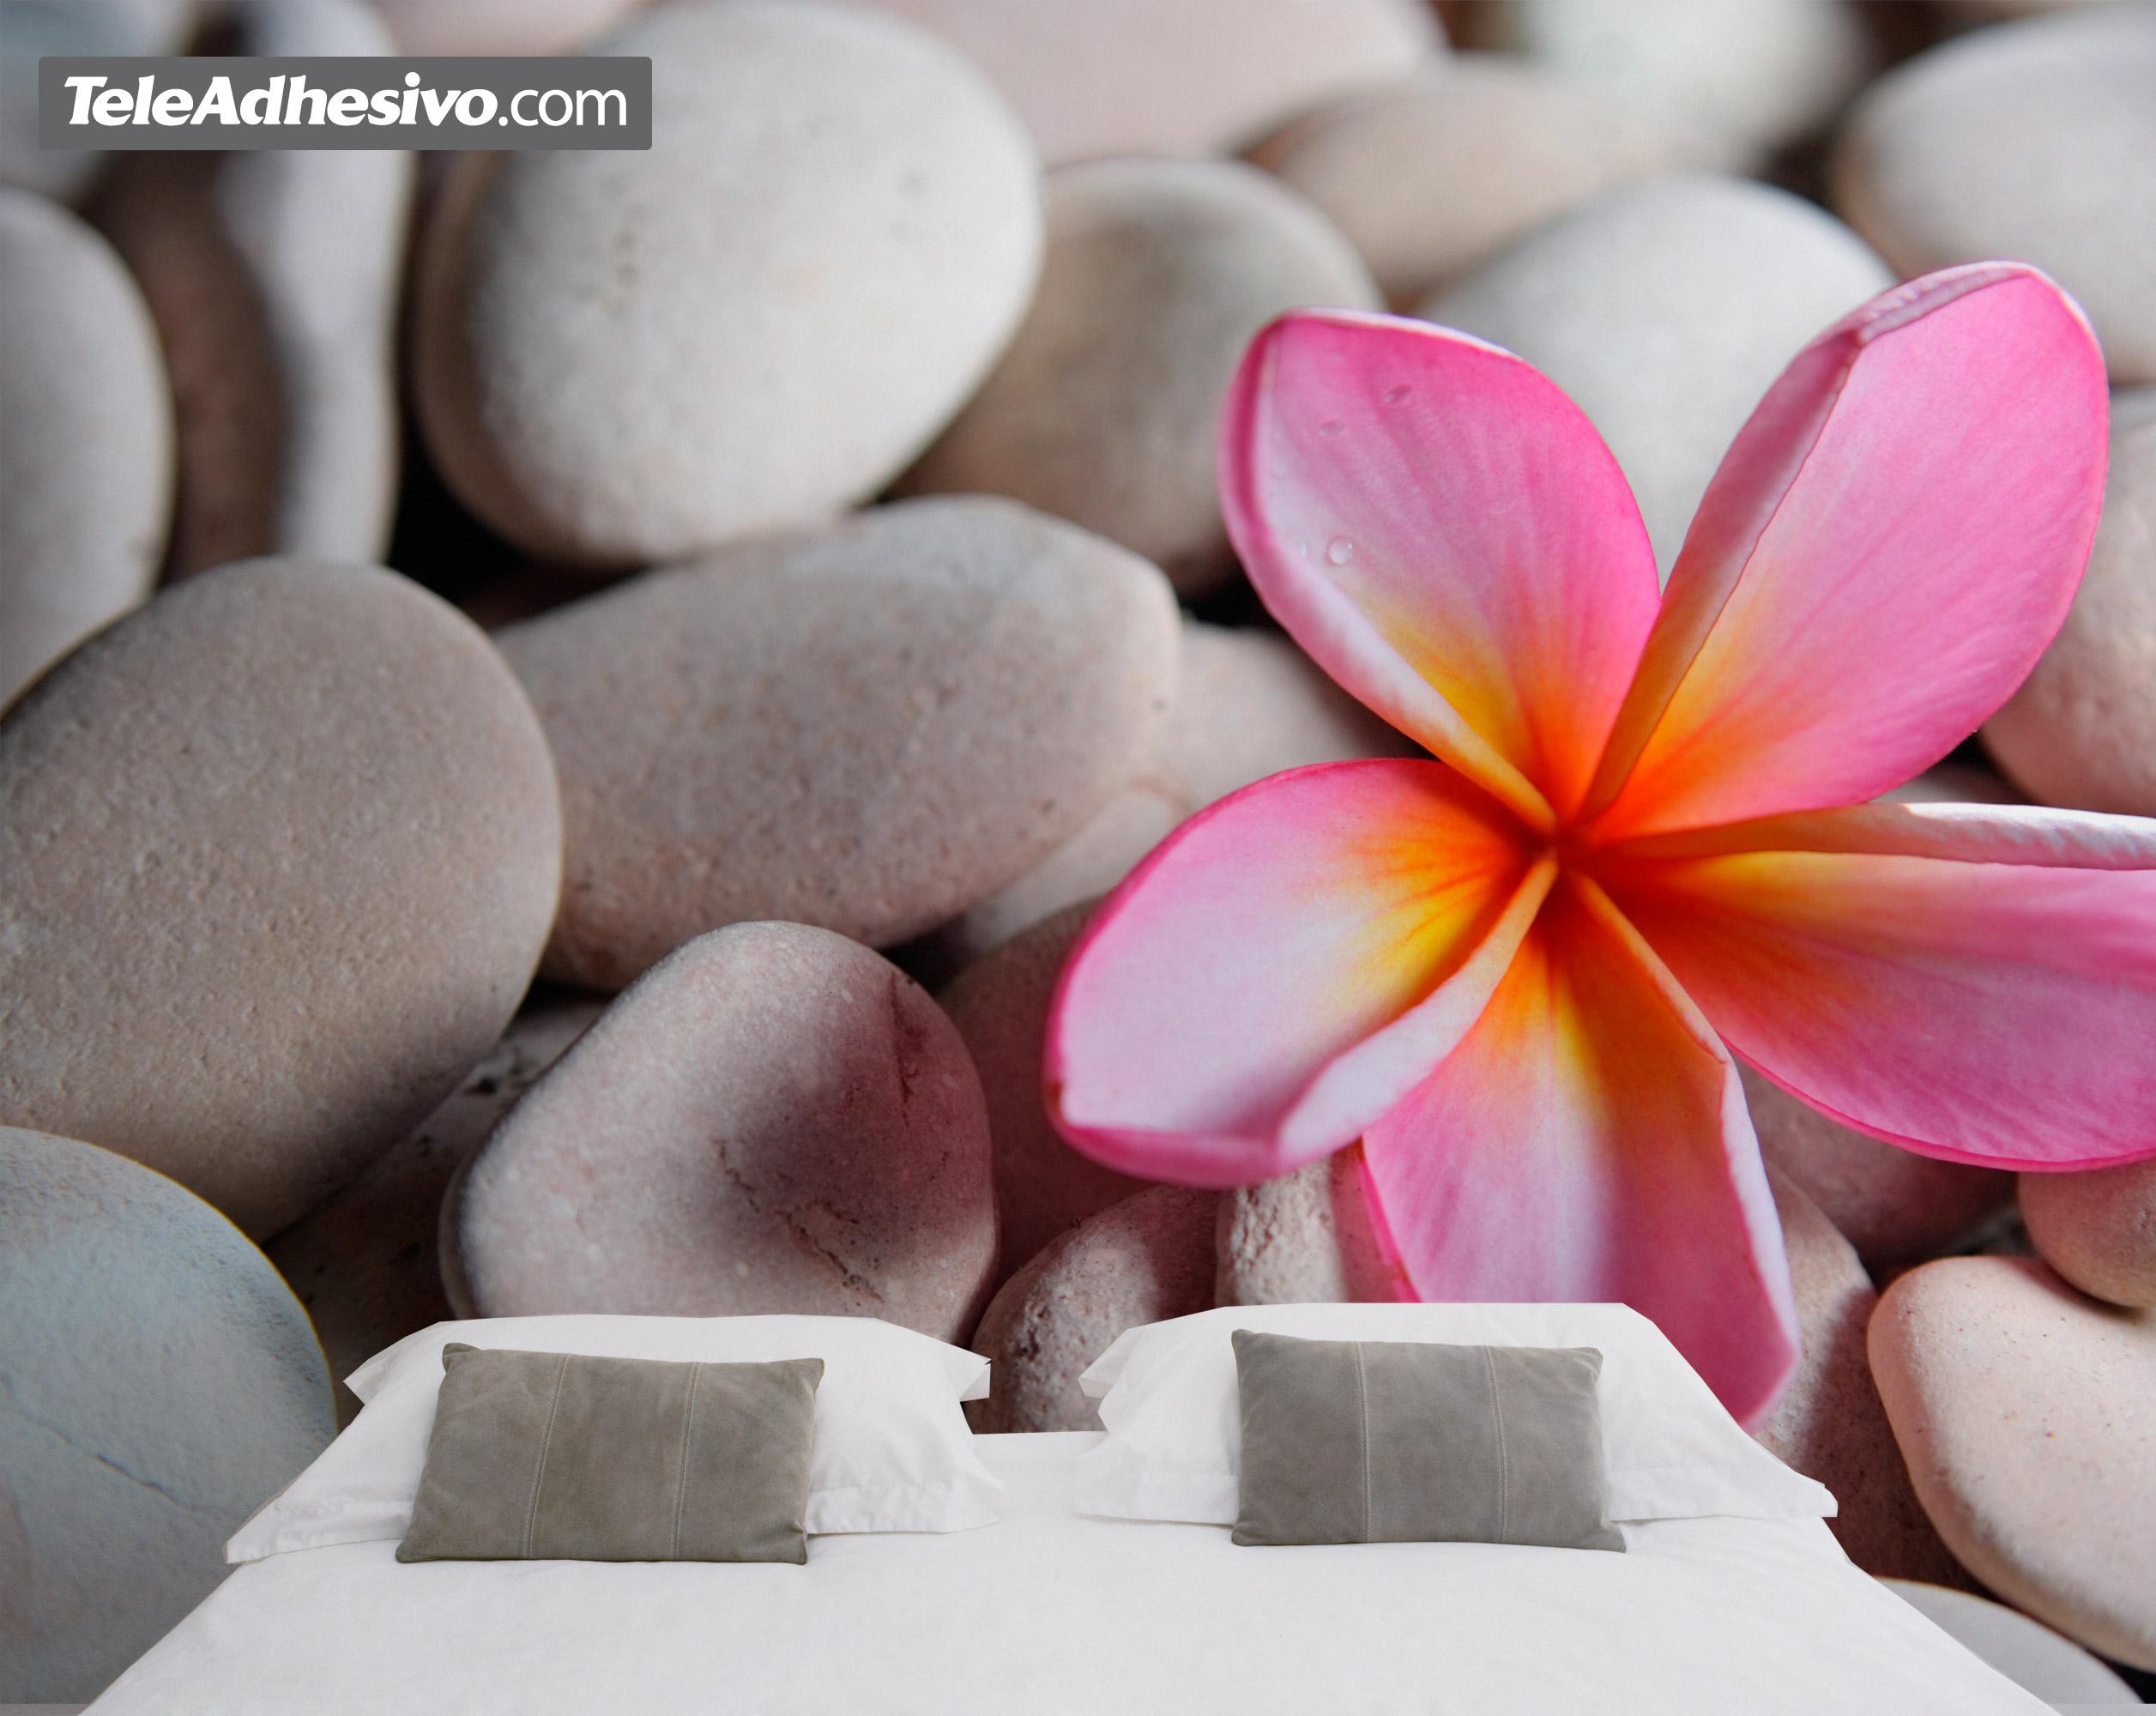 Fototapeten: Steine und Blumen